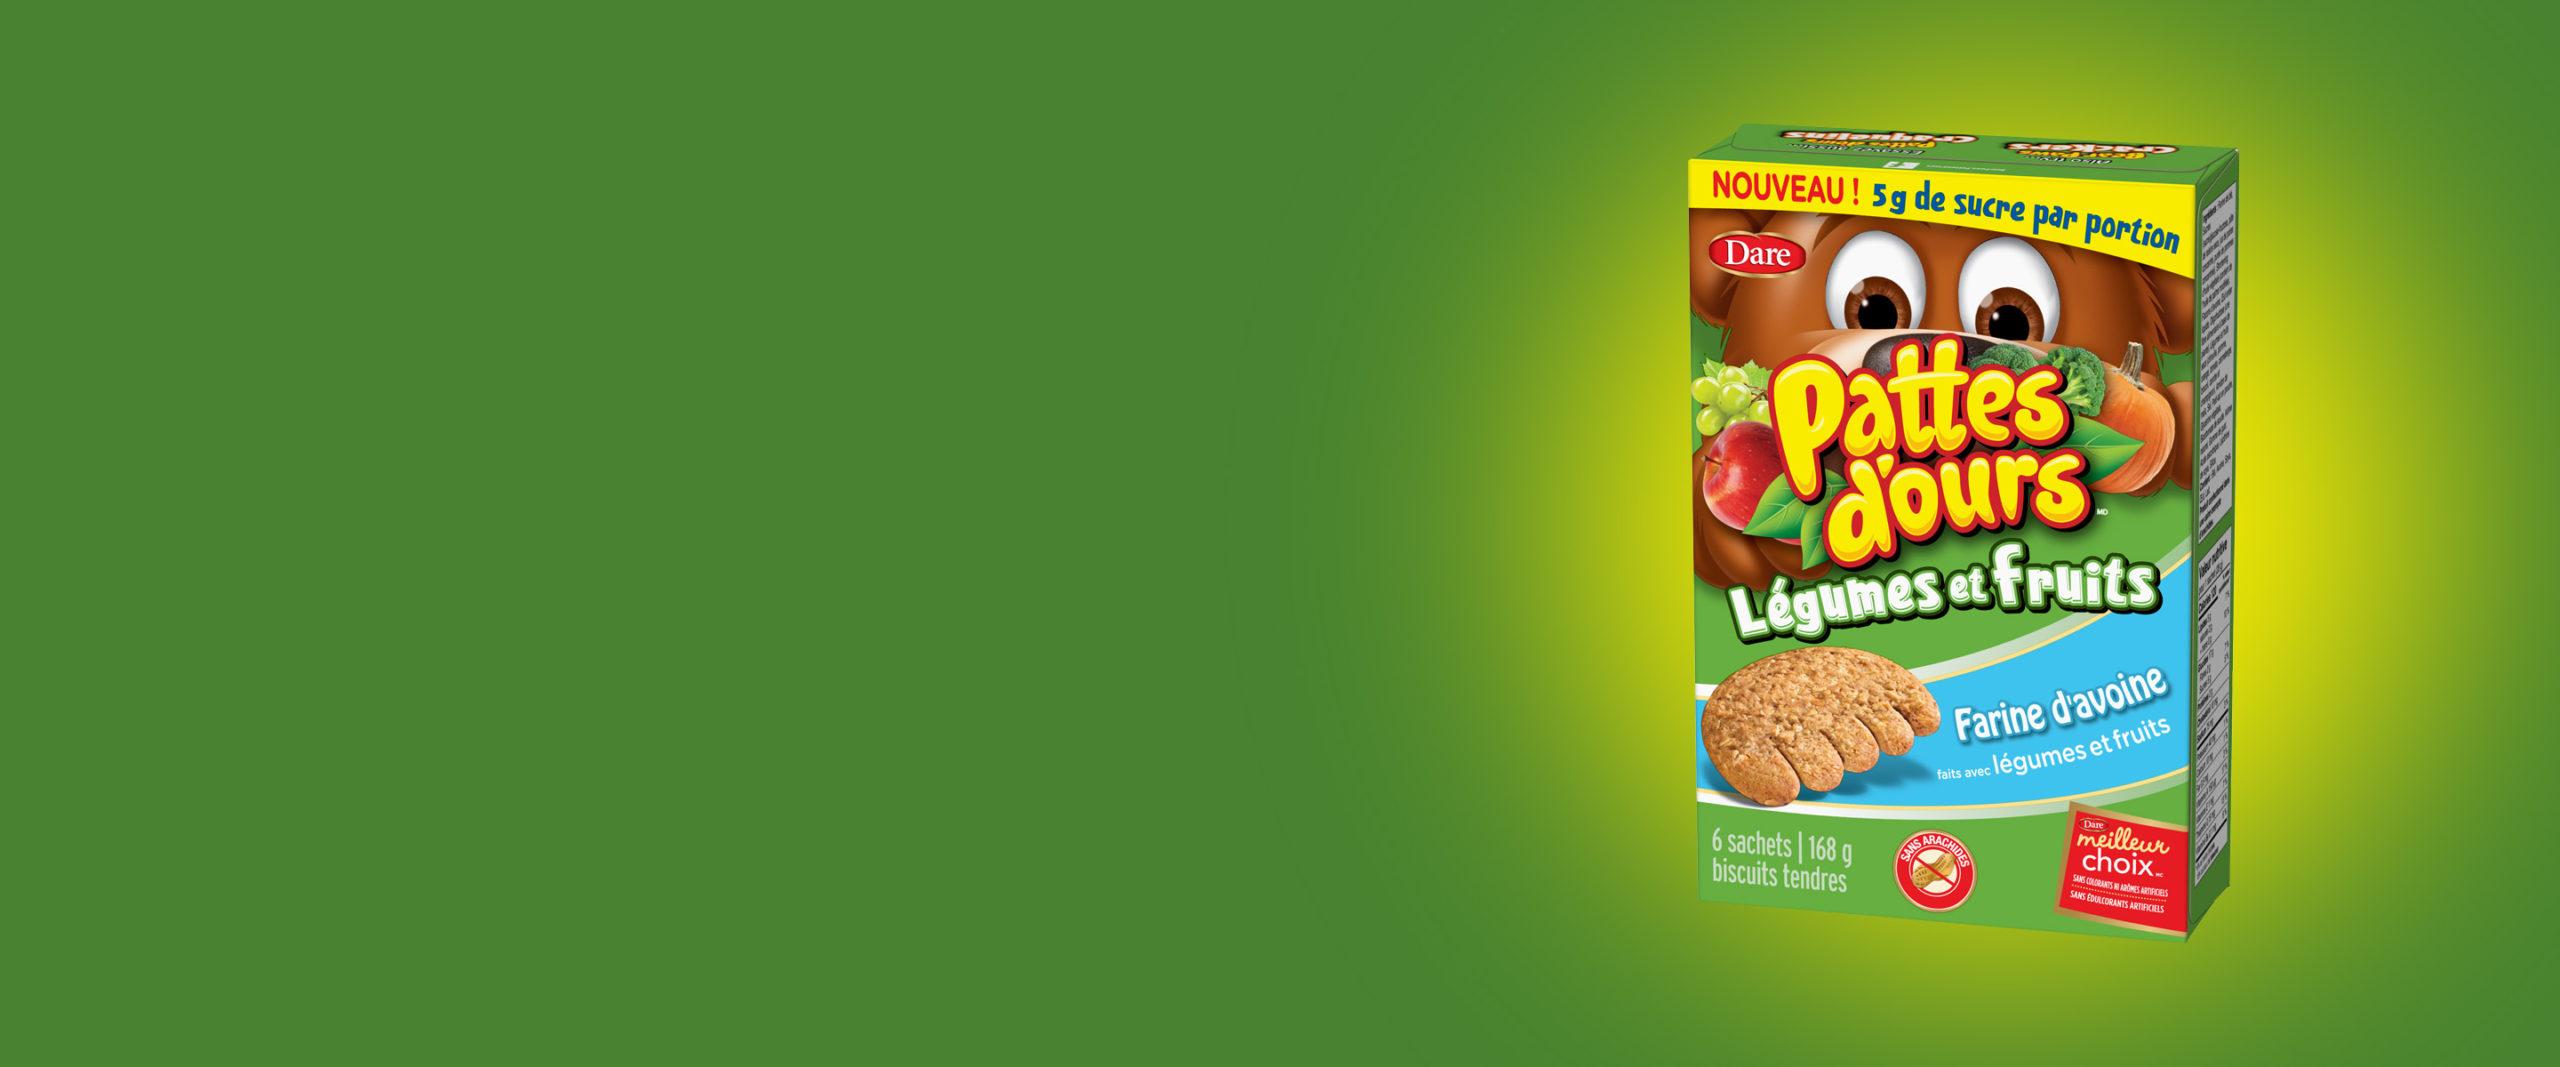 Lancement des Pattes d'ours Veggies + Fruits